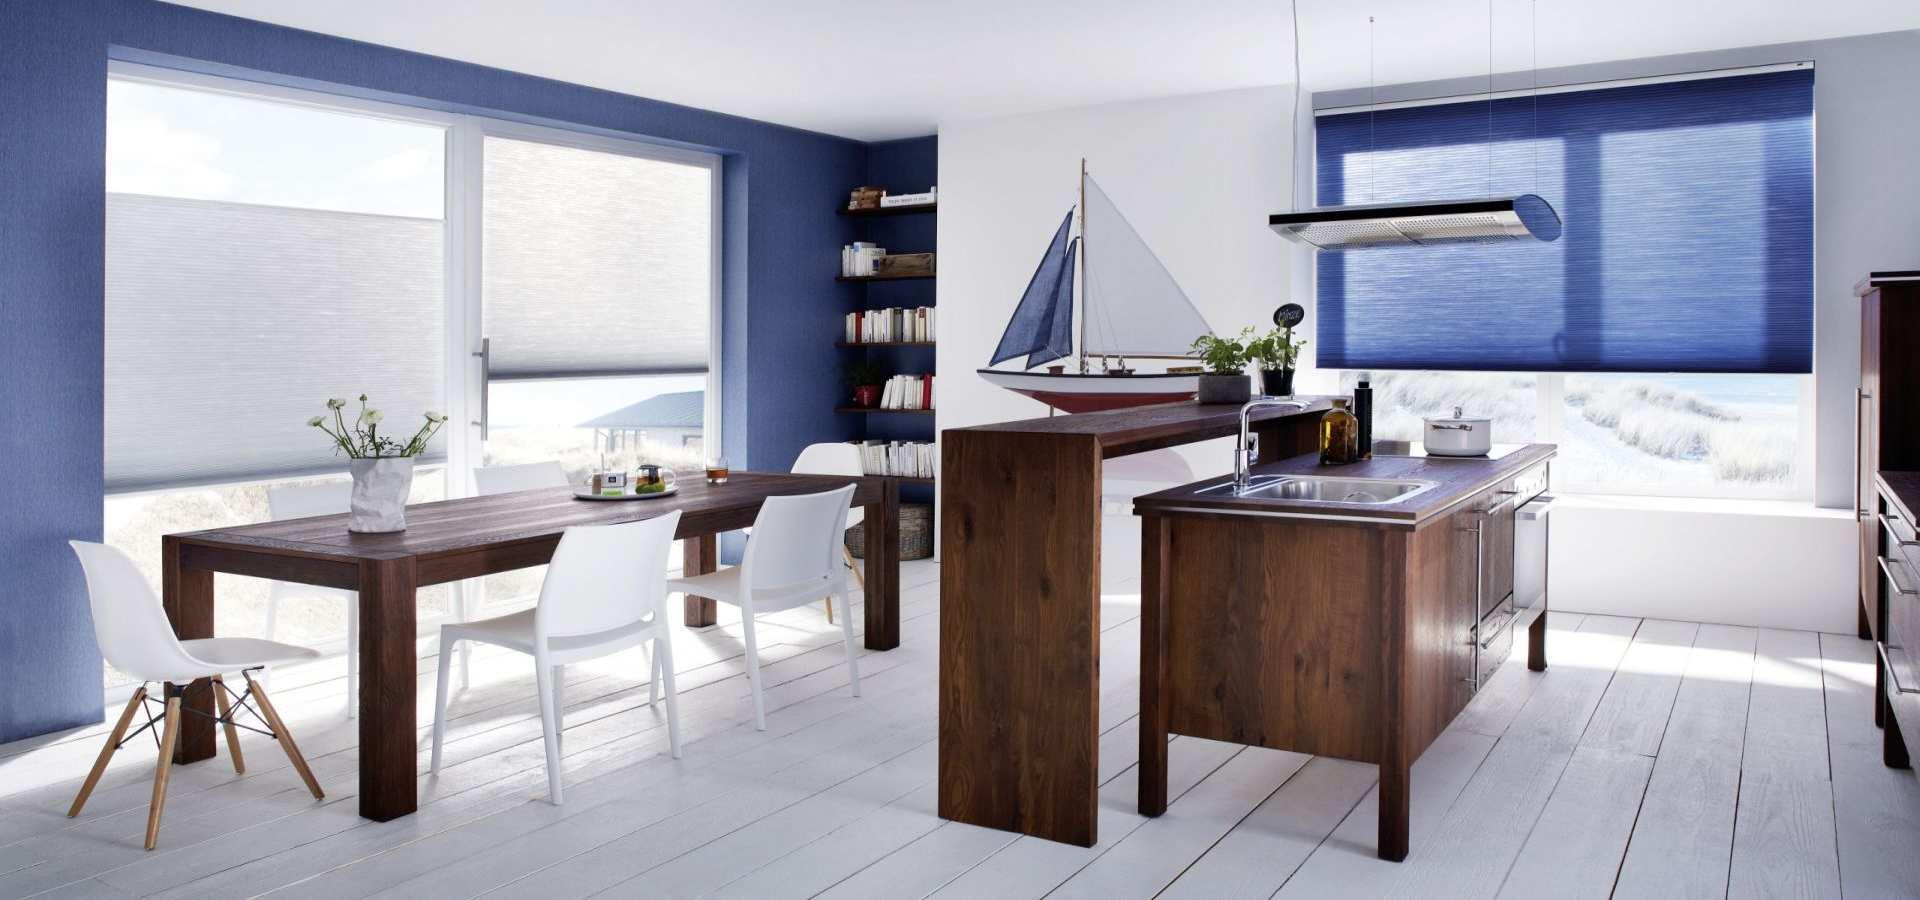 Bild Küche Duette Sonnenschutz Plissee blau weiß kombiniert